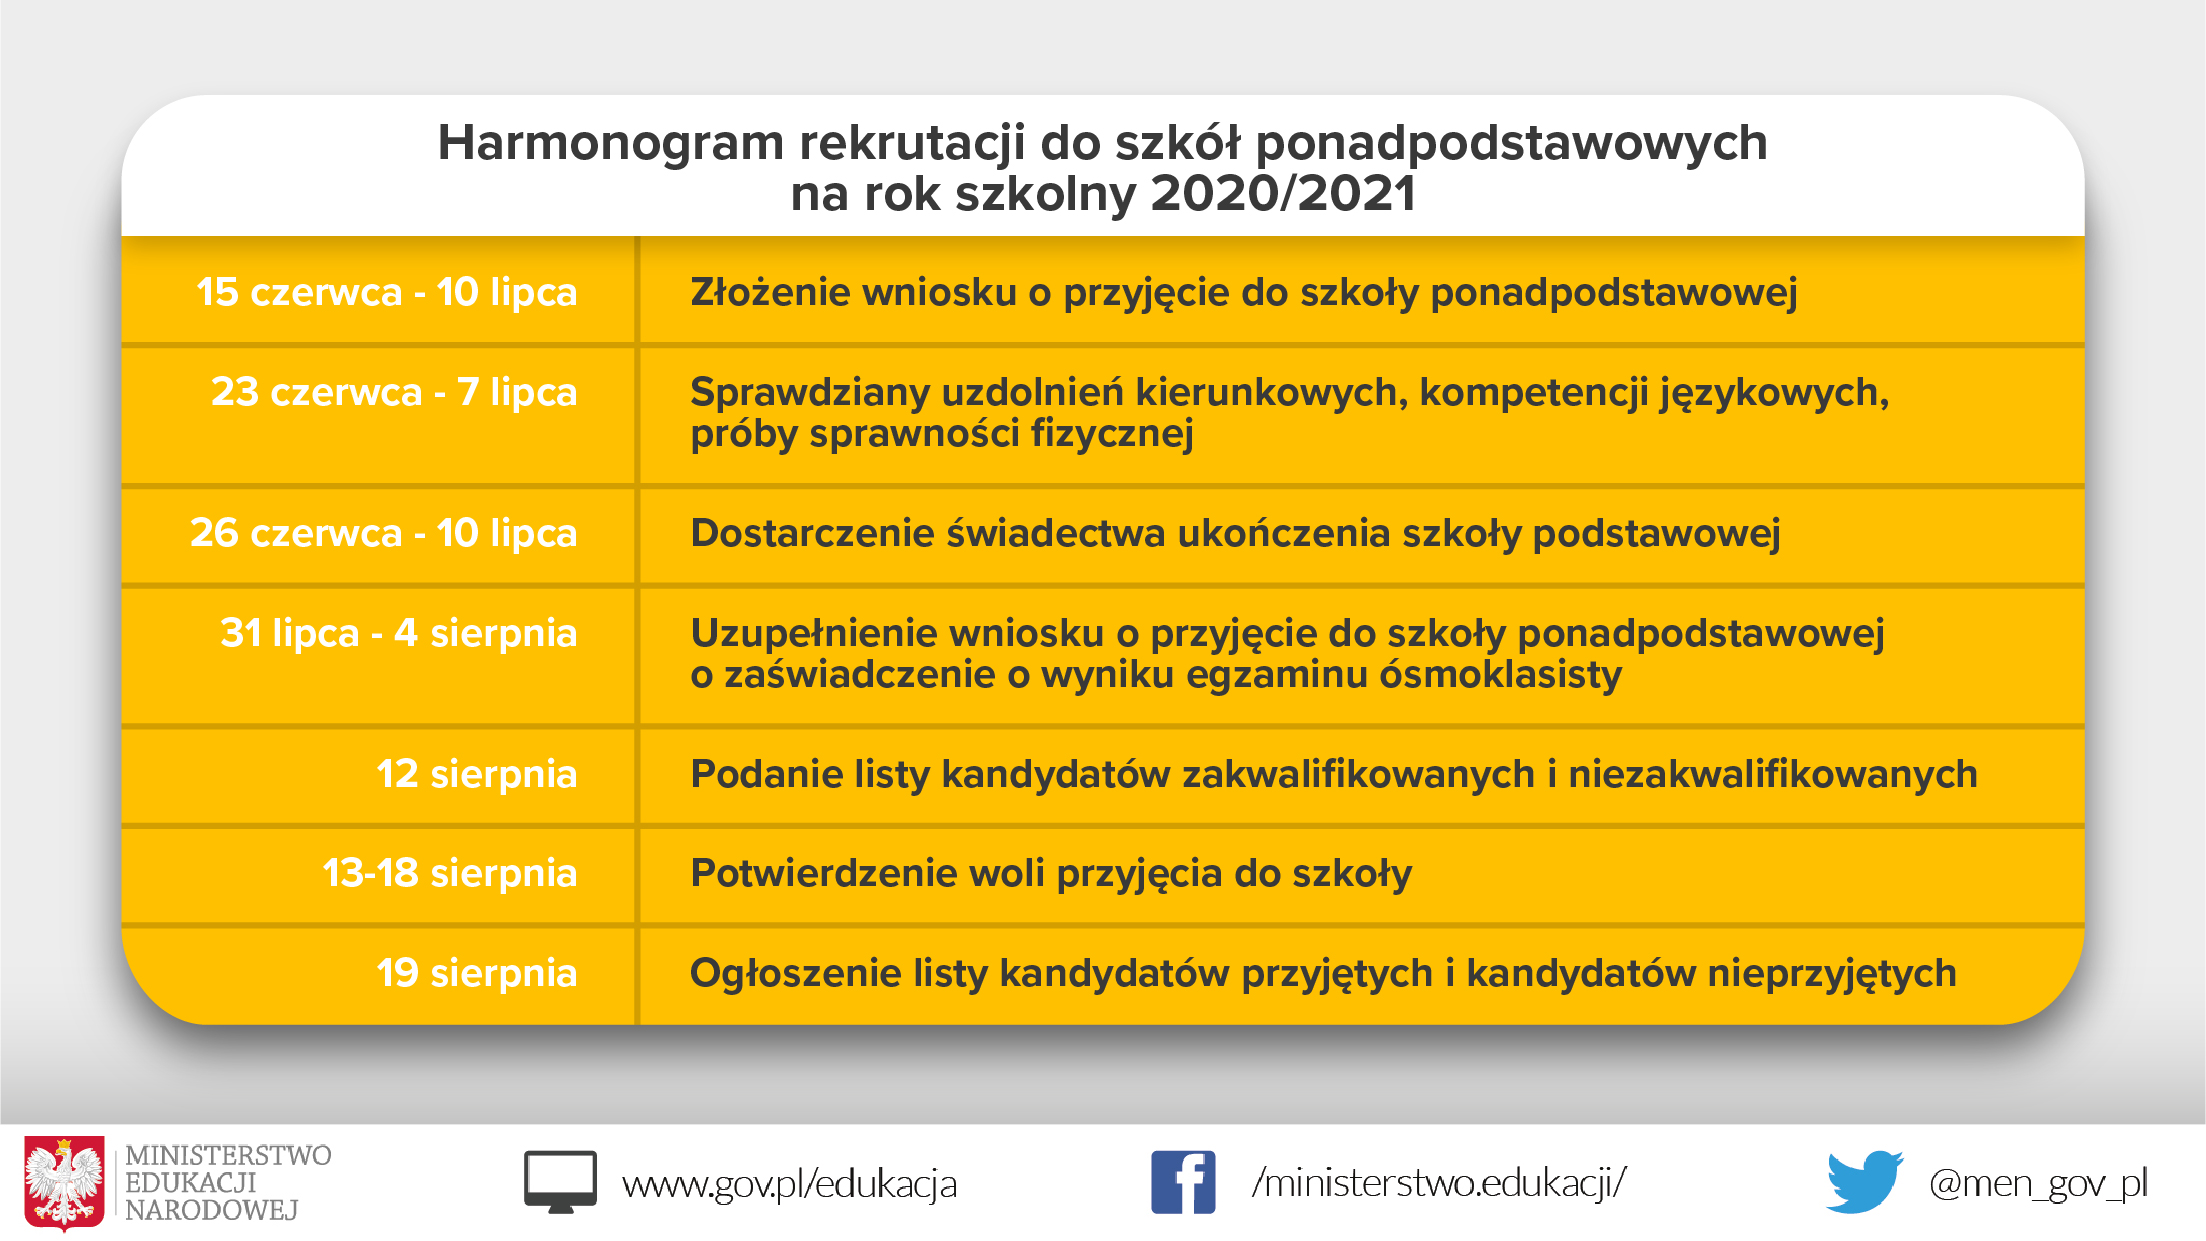 Informacja o harmonogramie rekrutacji do szkół ponadpodstawowych na rok szkolny 2020/2021